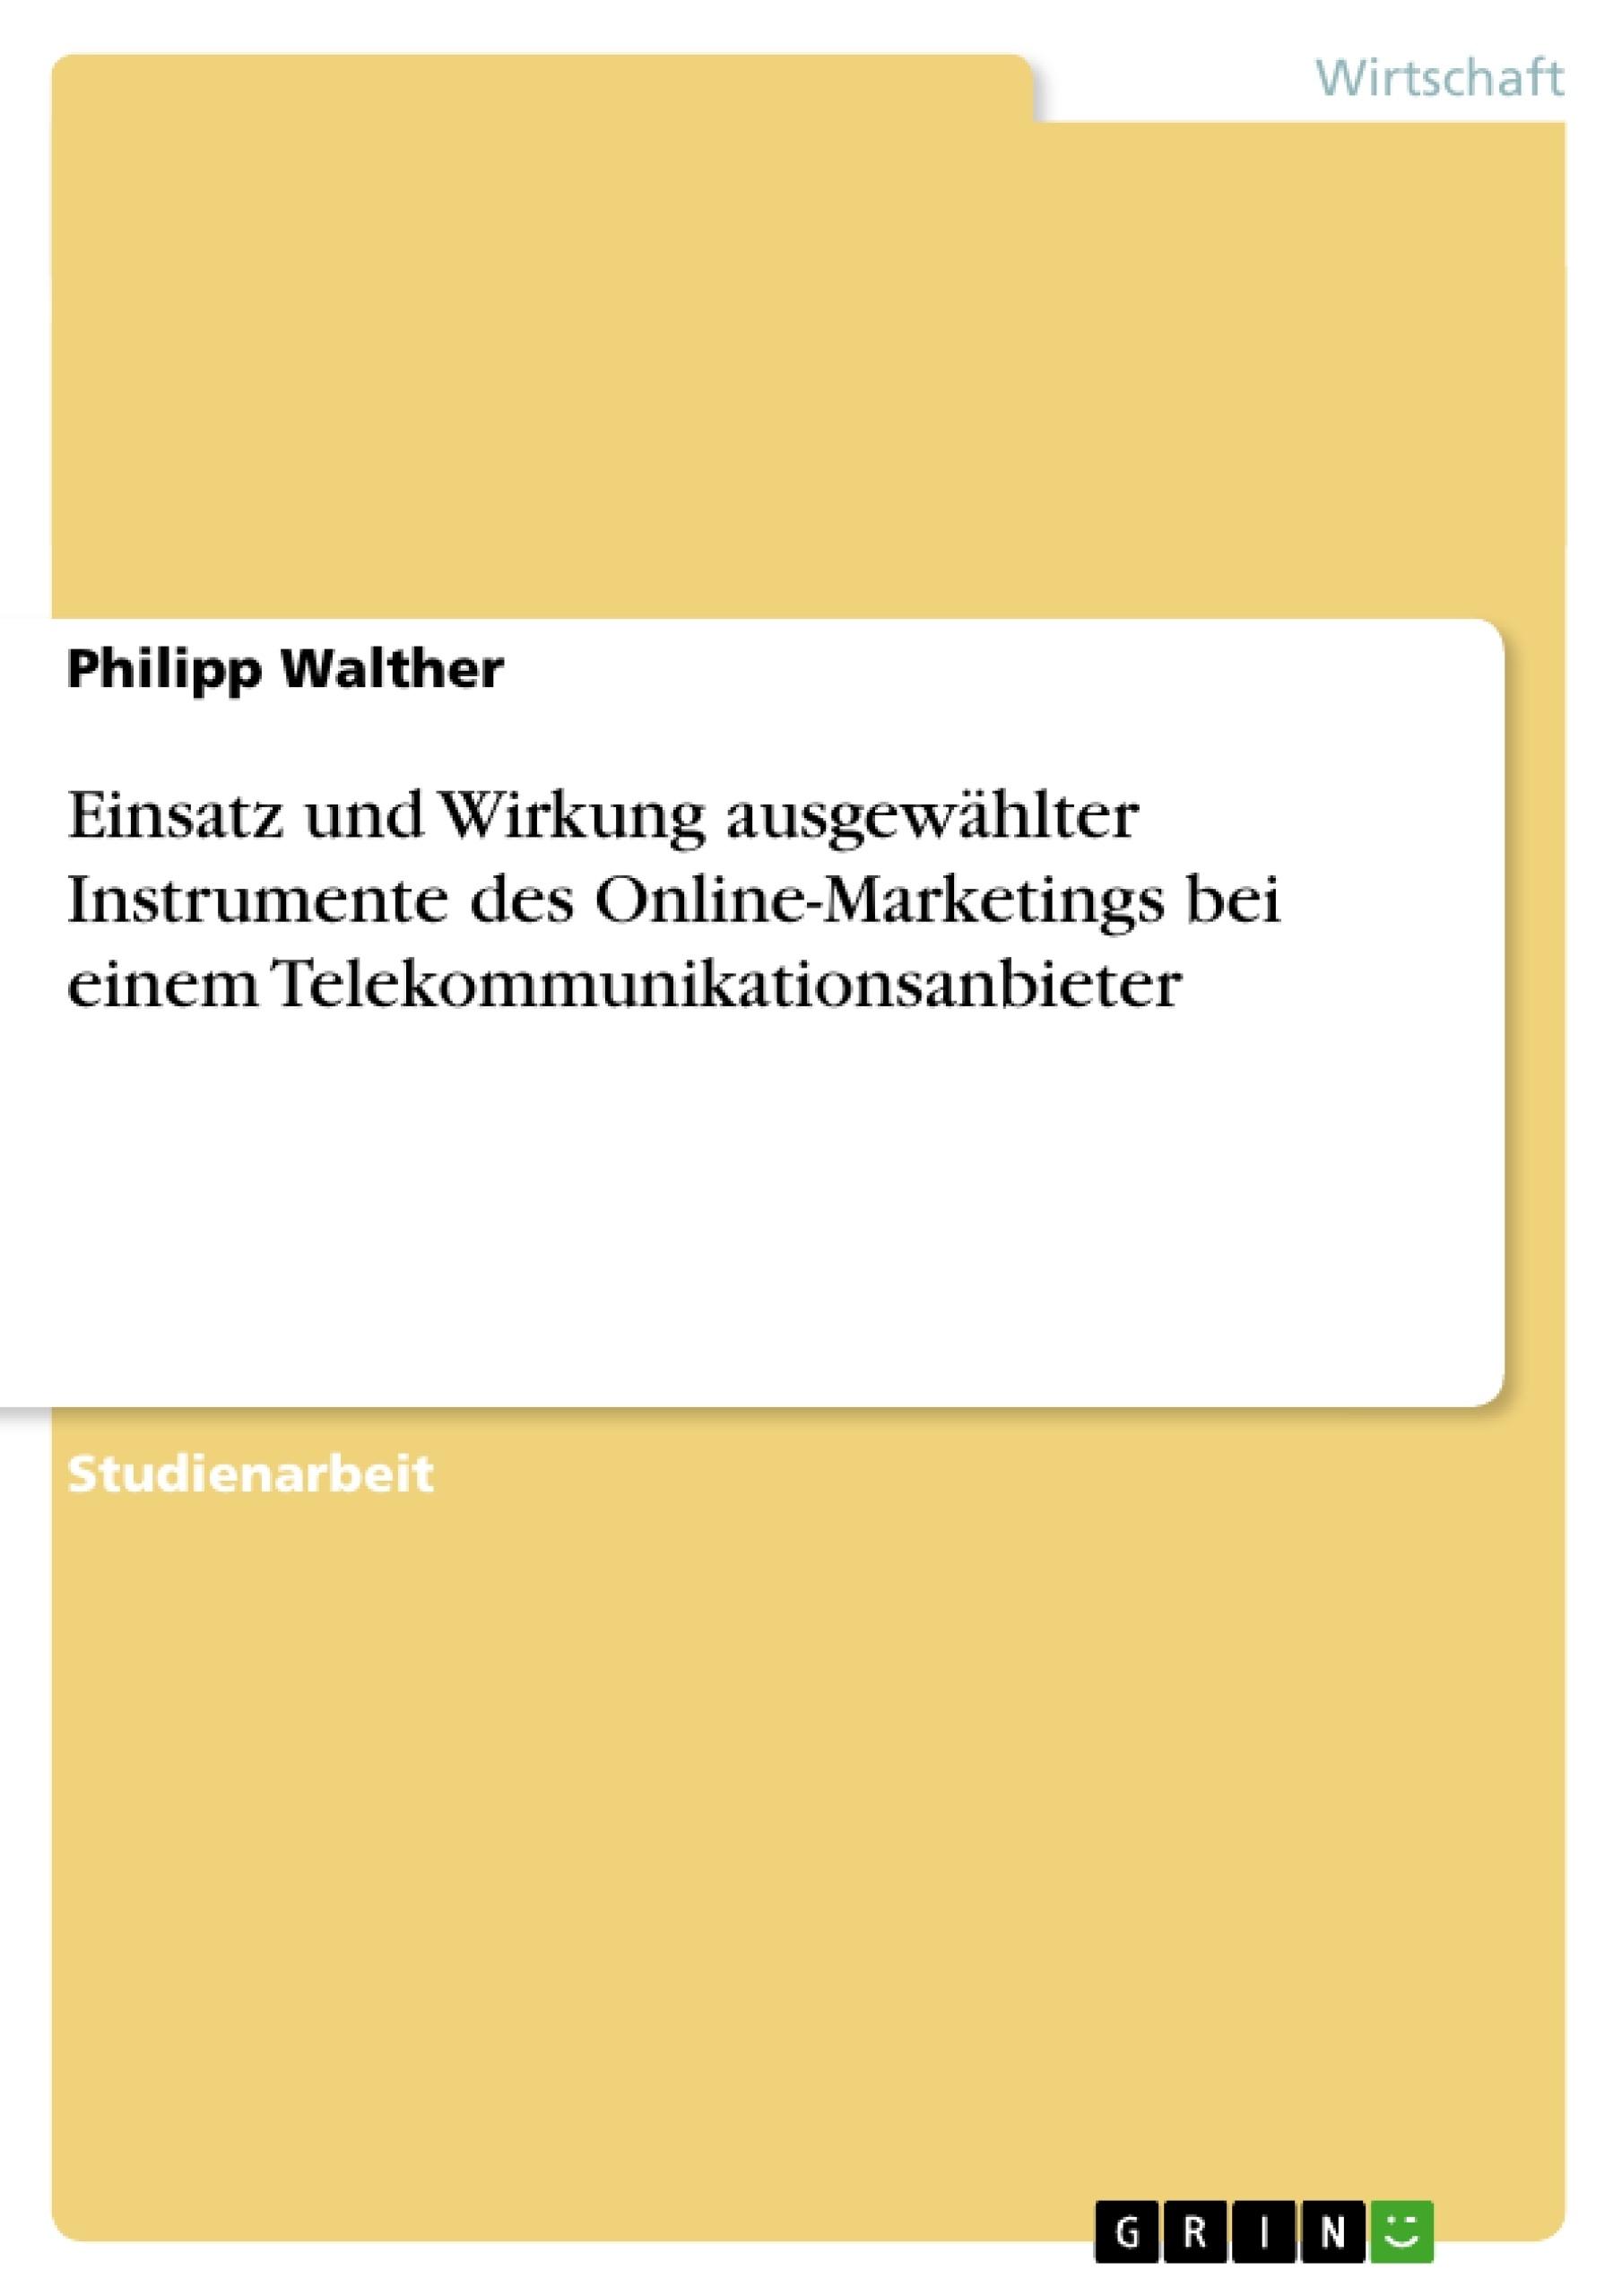 Titel: Einsatz und Wirkung ausgewählter Instrumente des Online-Marketings bei einem Telekommunikationsanbieter